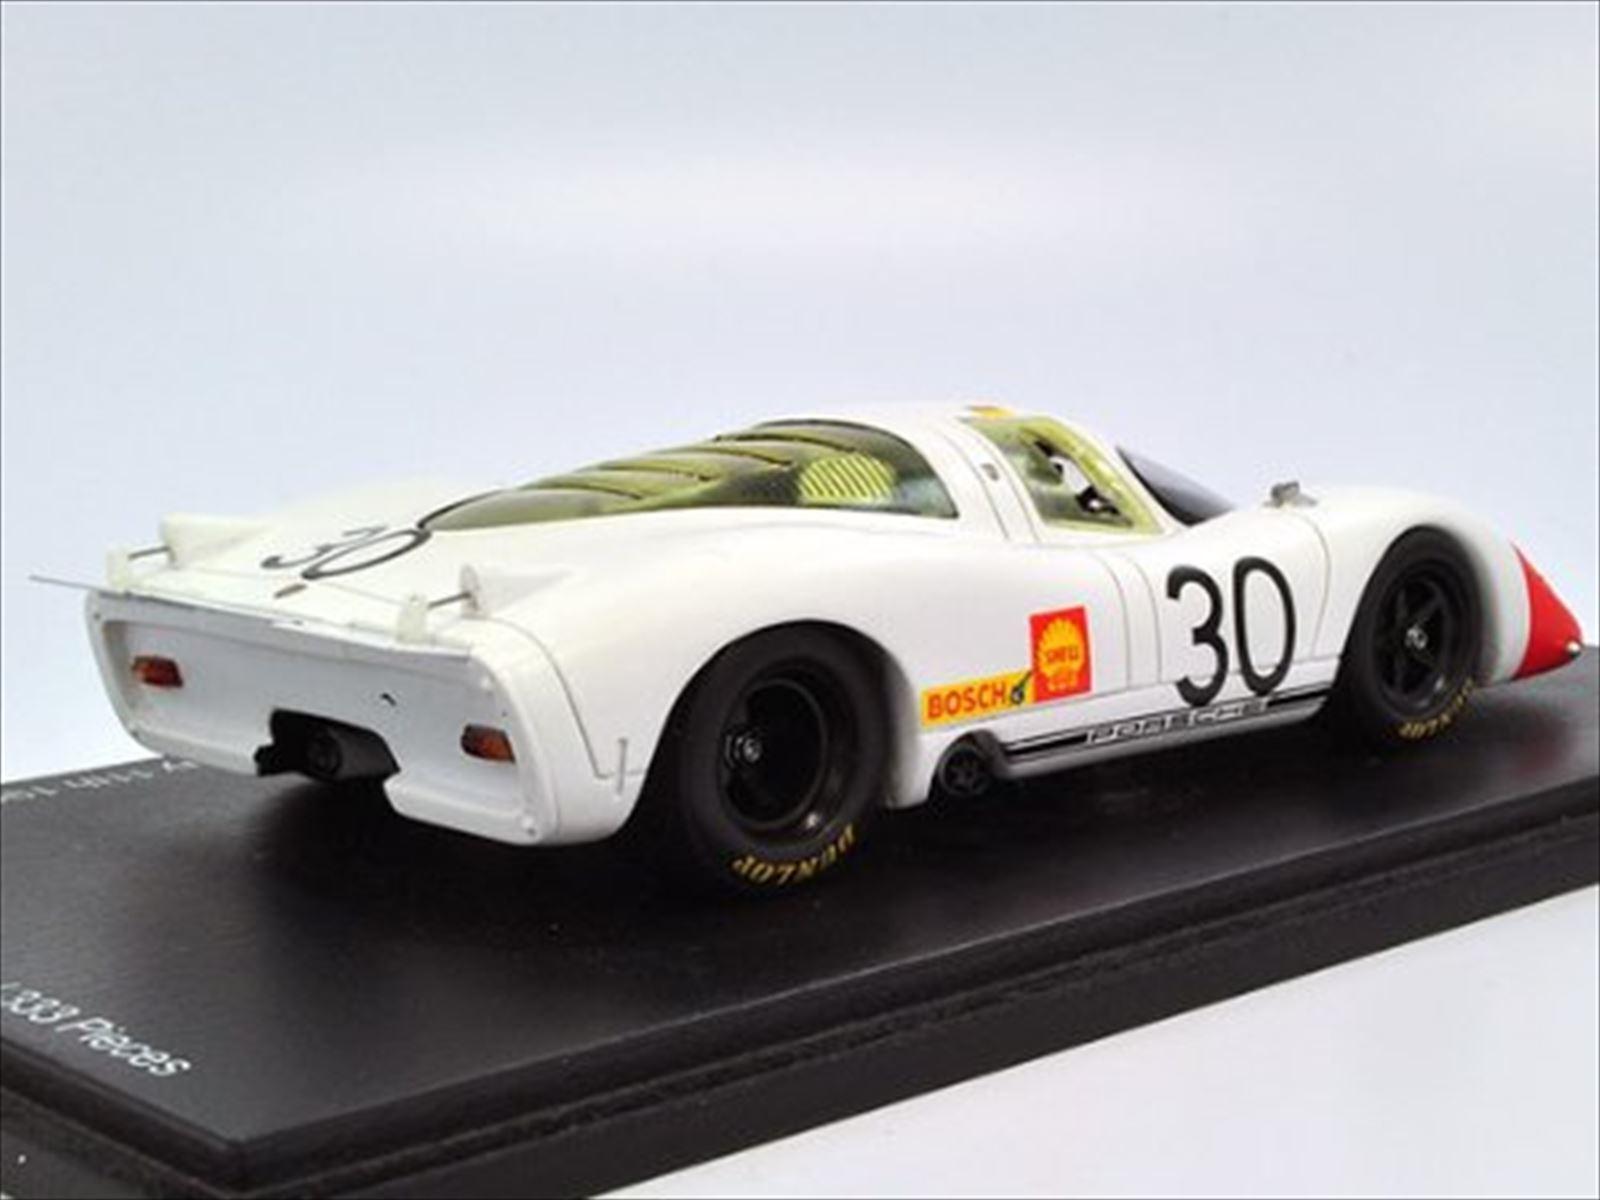 Porsche 917 spa 1000km erste rennen 1969 funke ausdauer - info 1   43 f   s aus japan